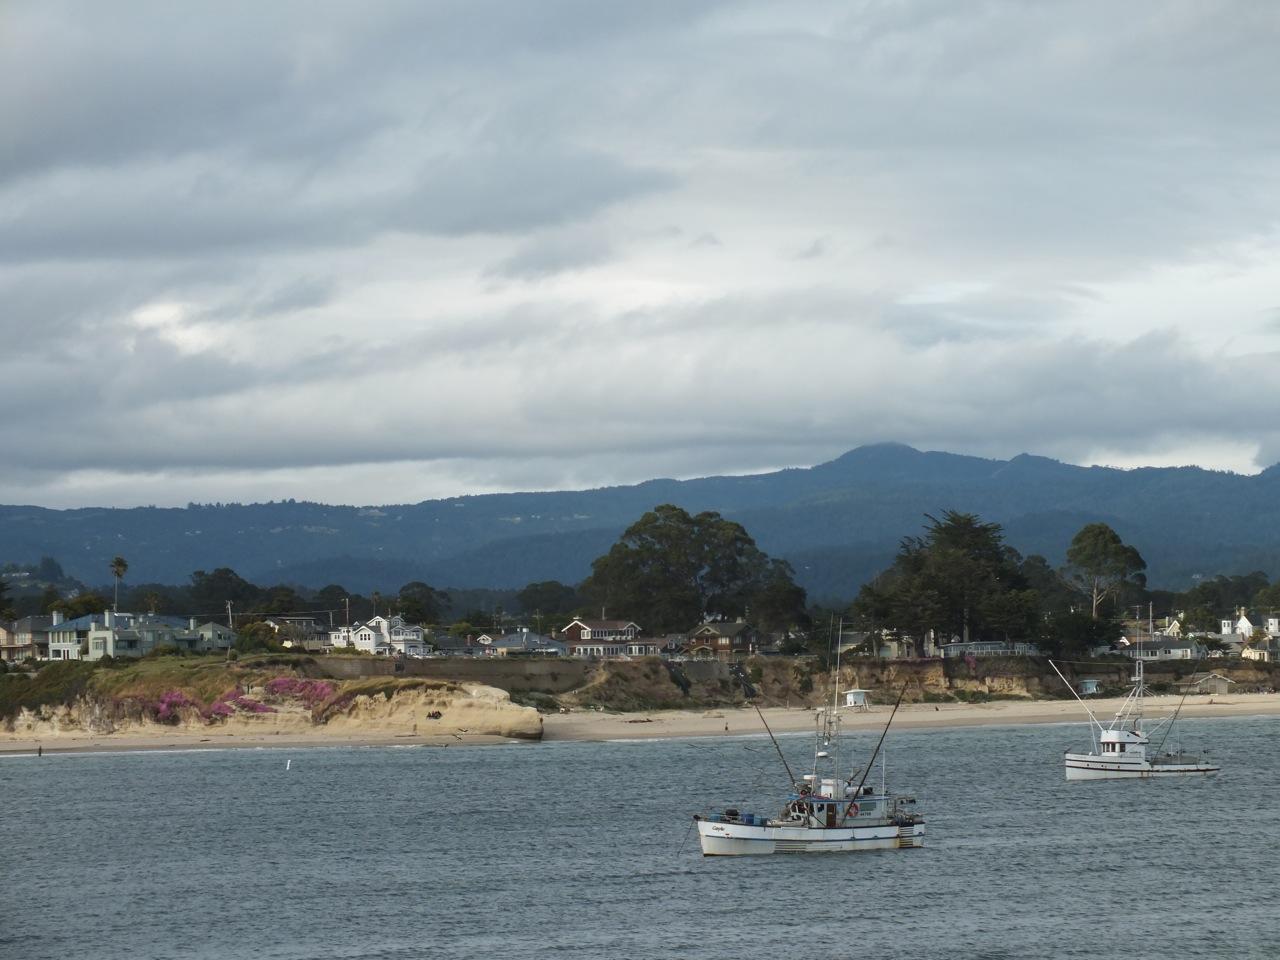 Loma Prieta with fishing boats from Santa Cruz area